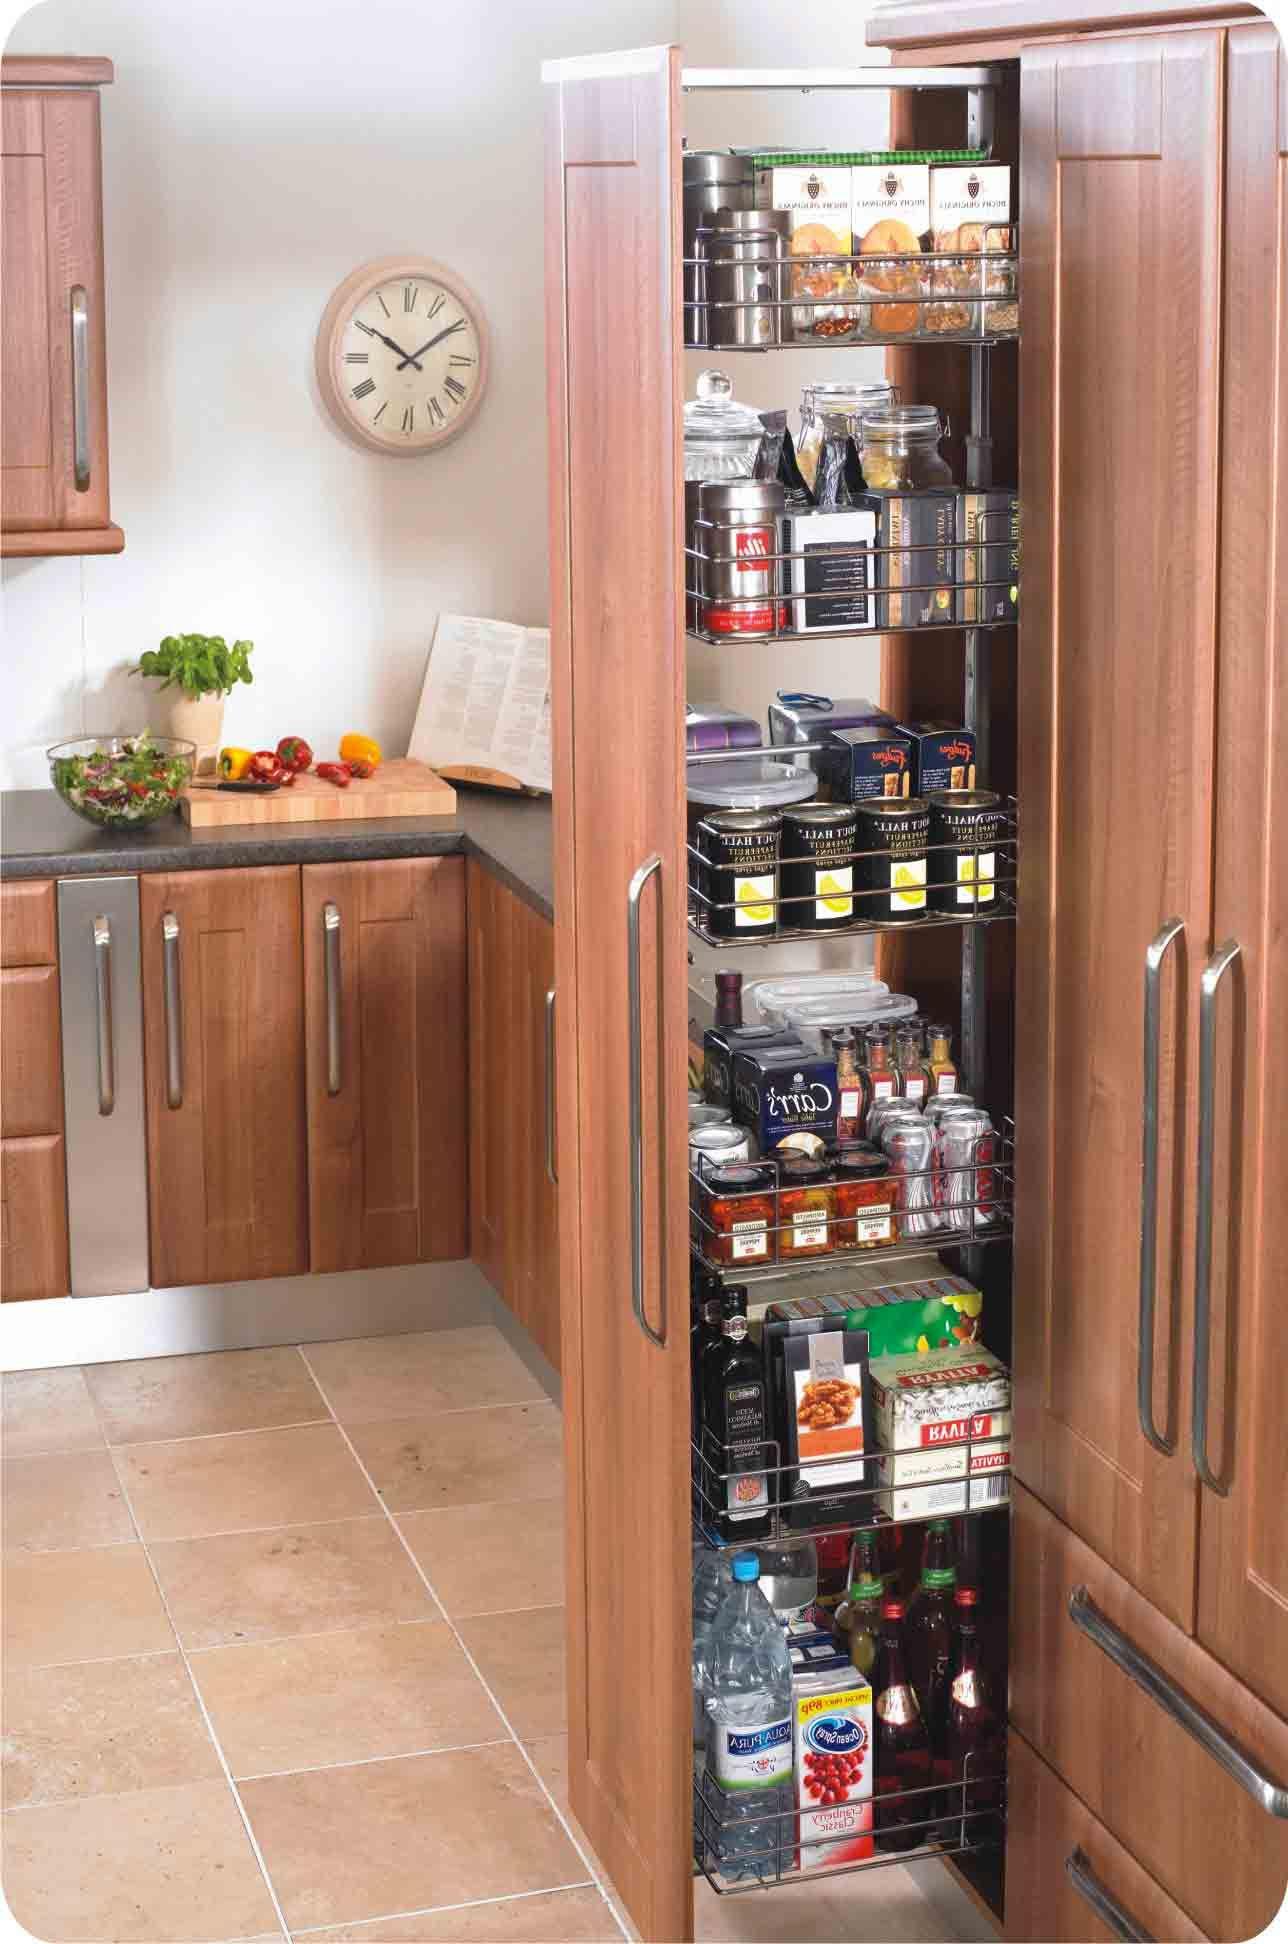 Herrajes sorano para cocinas y closet despensas torre for Muebles de cocina vibbo